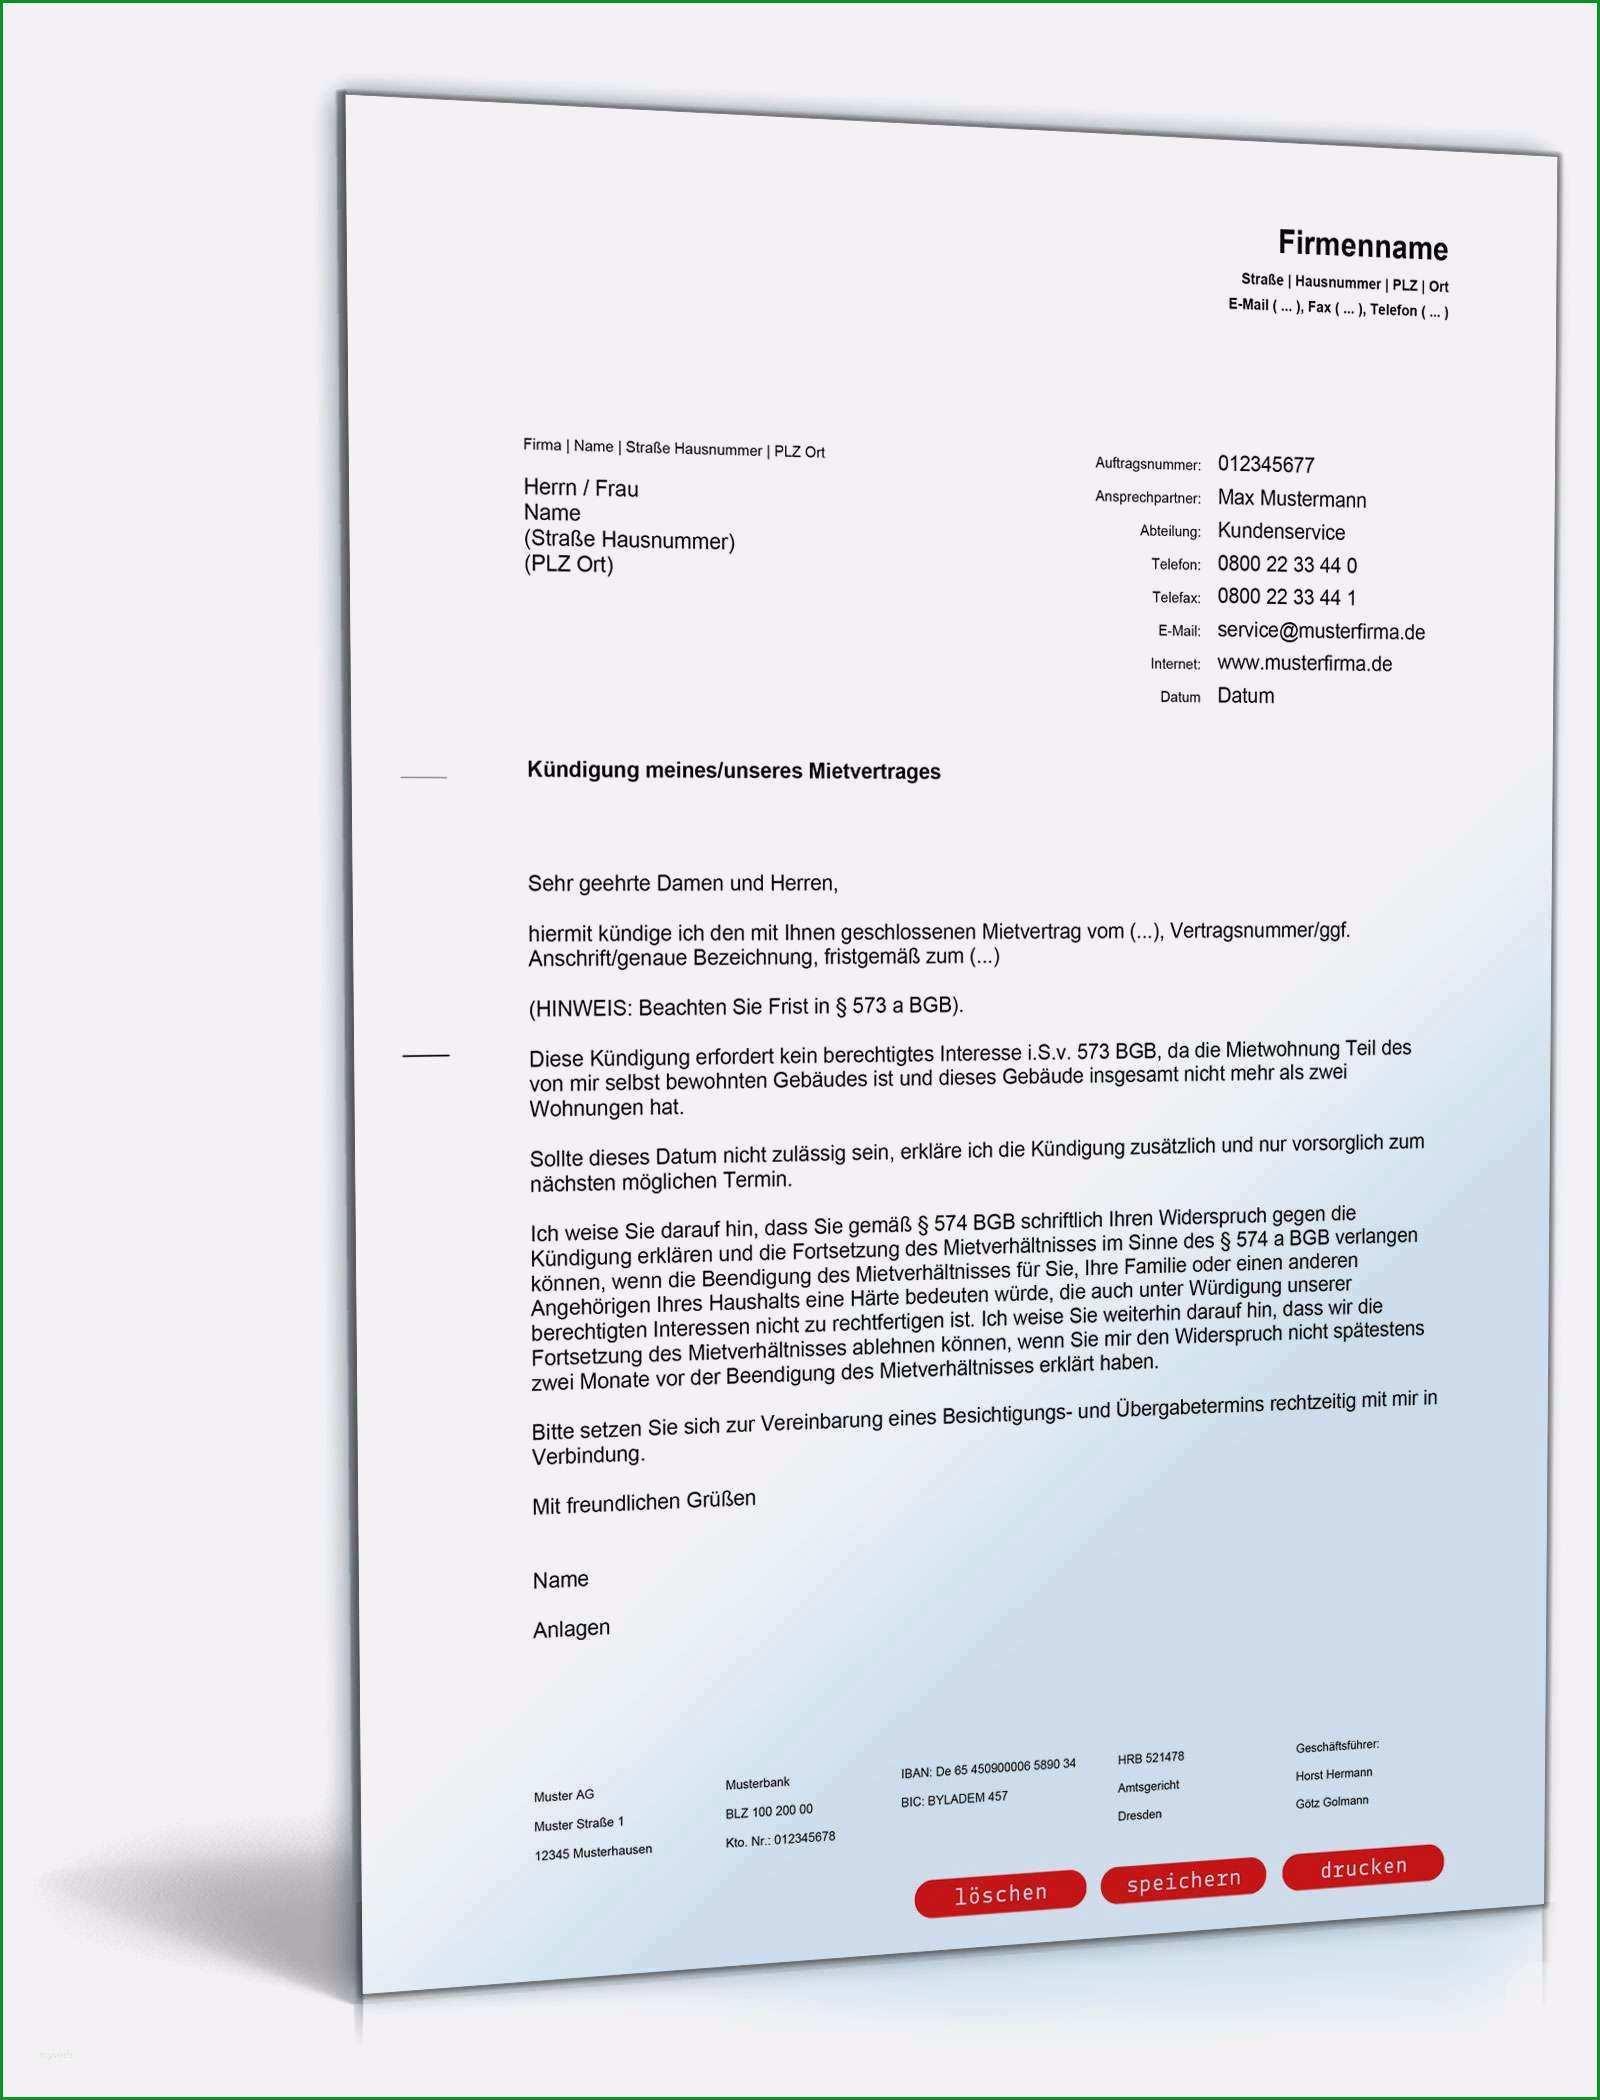 mietburgschaft vorlage kostenlos gut kundigung mietwohnung muster ve97